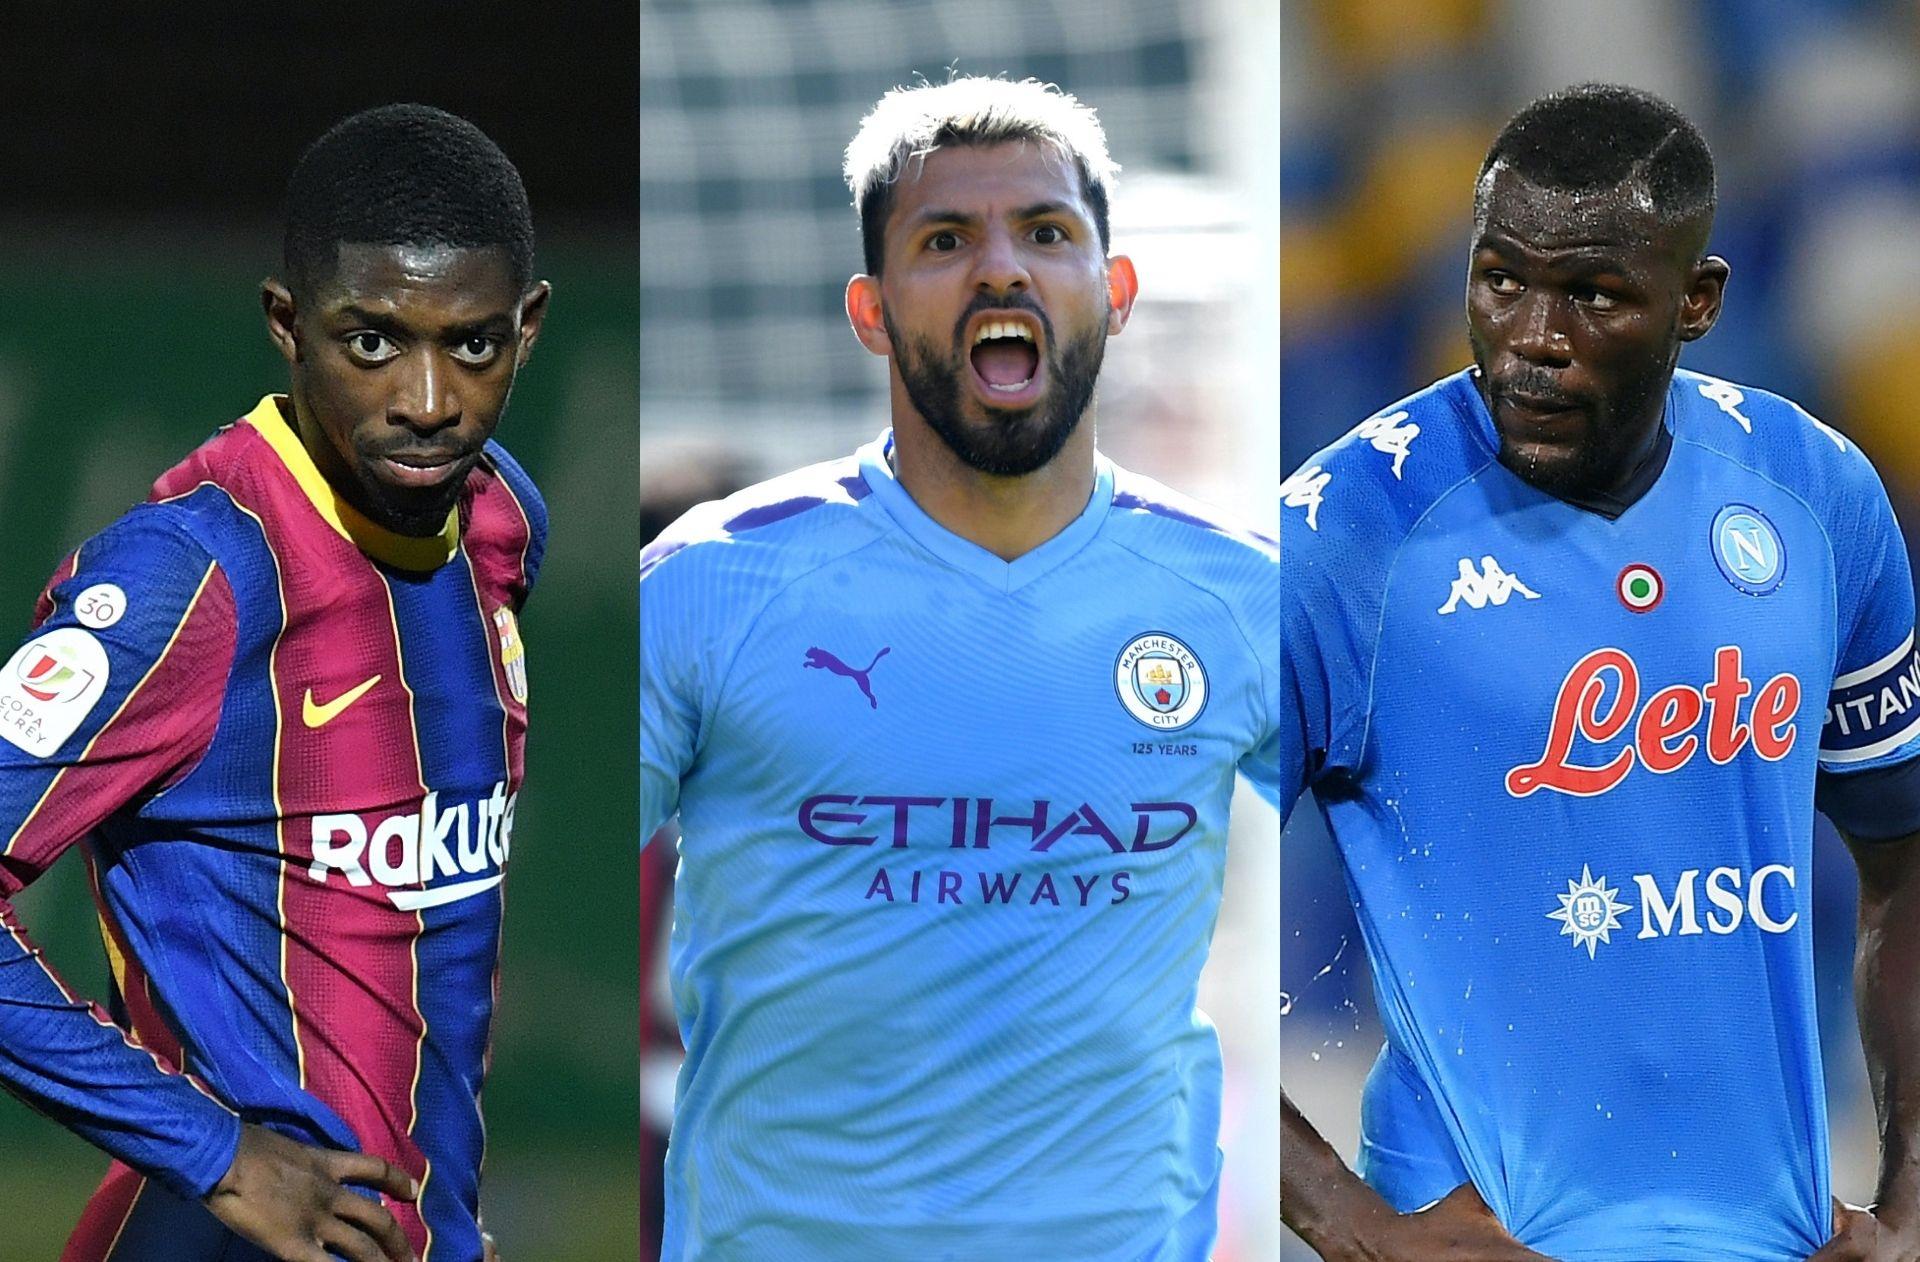 Sunday's transfer rumors - Barcelona name 2 new transfer targets